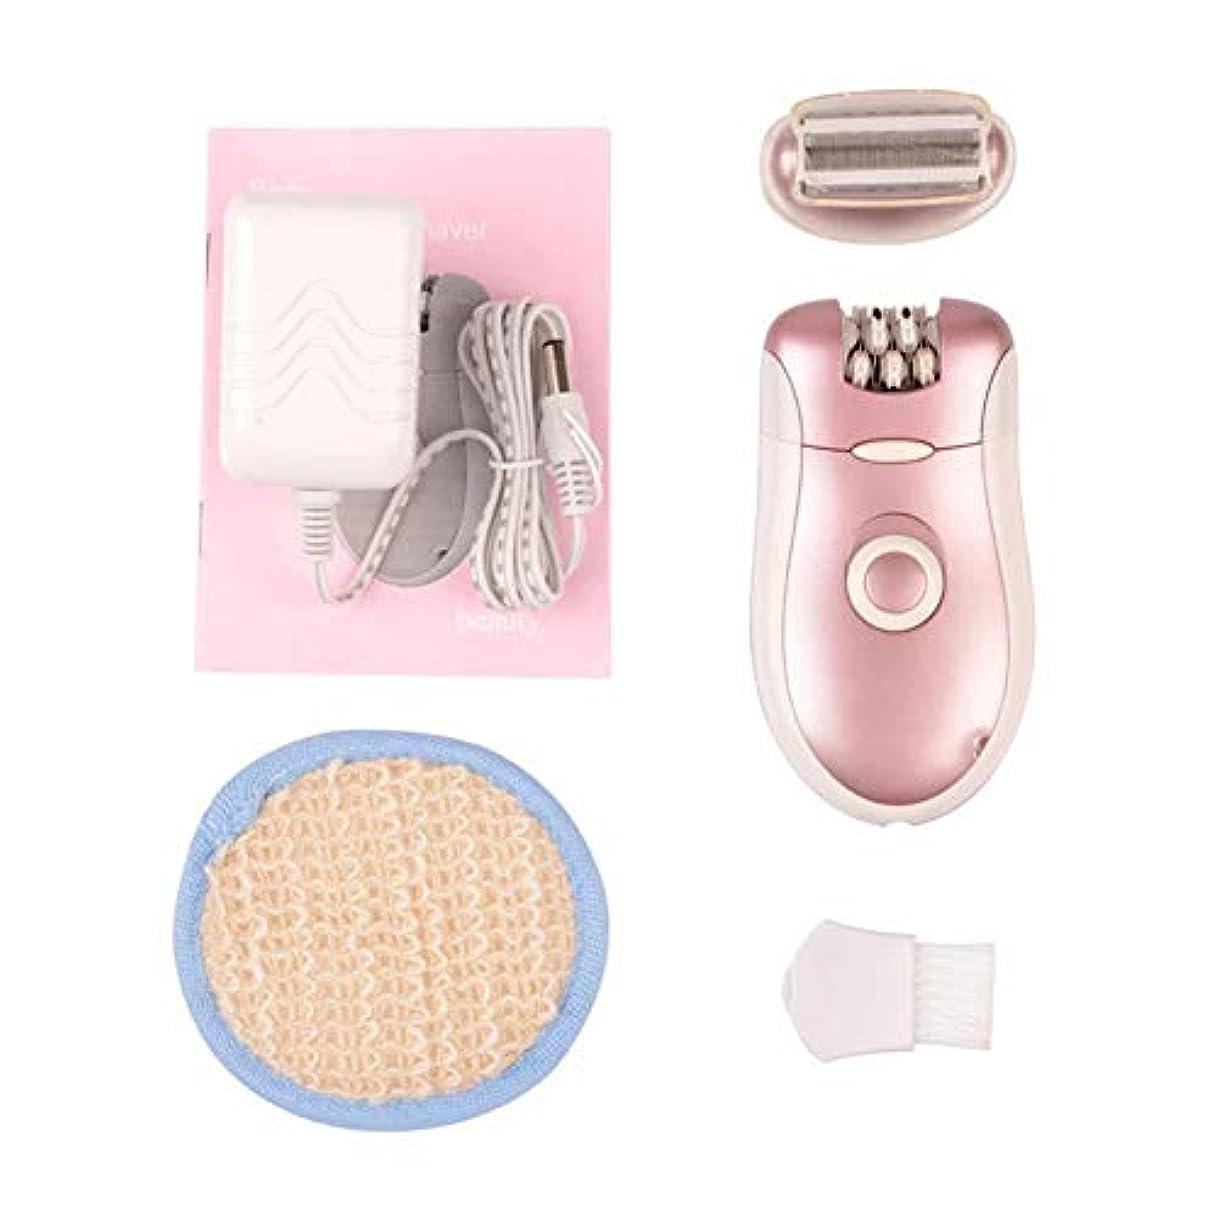 自宅で溶かす水曜日BBONE 2 In 1女性脱毛レディーシェーバー脱毛器電動女性シェービングマシン脱毛ヘアトリマーカミソリビキニトリマー、ピンク,Pink